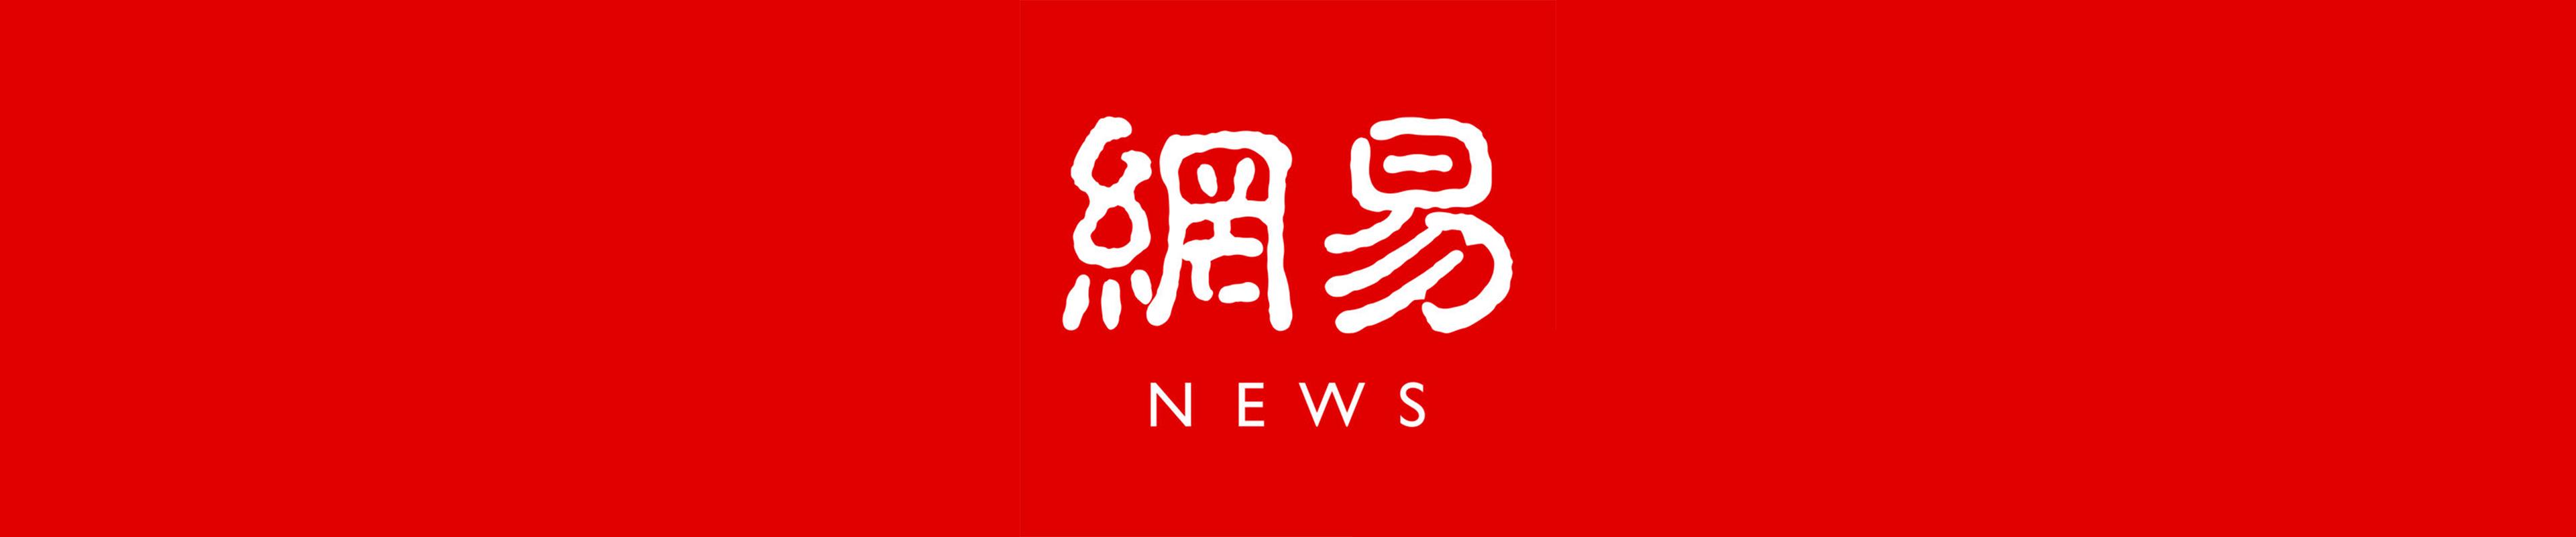 [已购]网易新闻(专业版)-草蜢资源